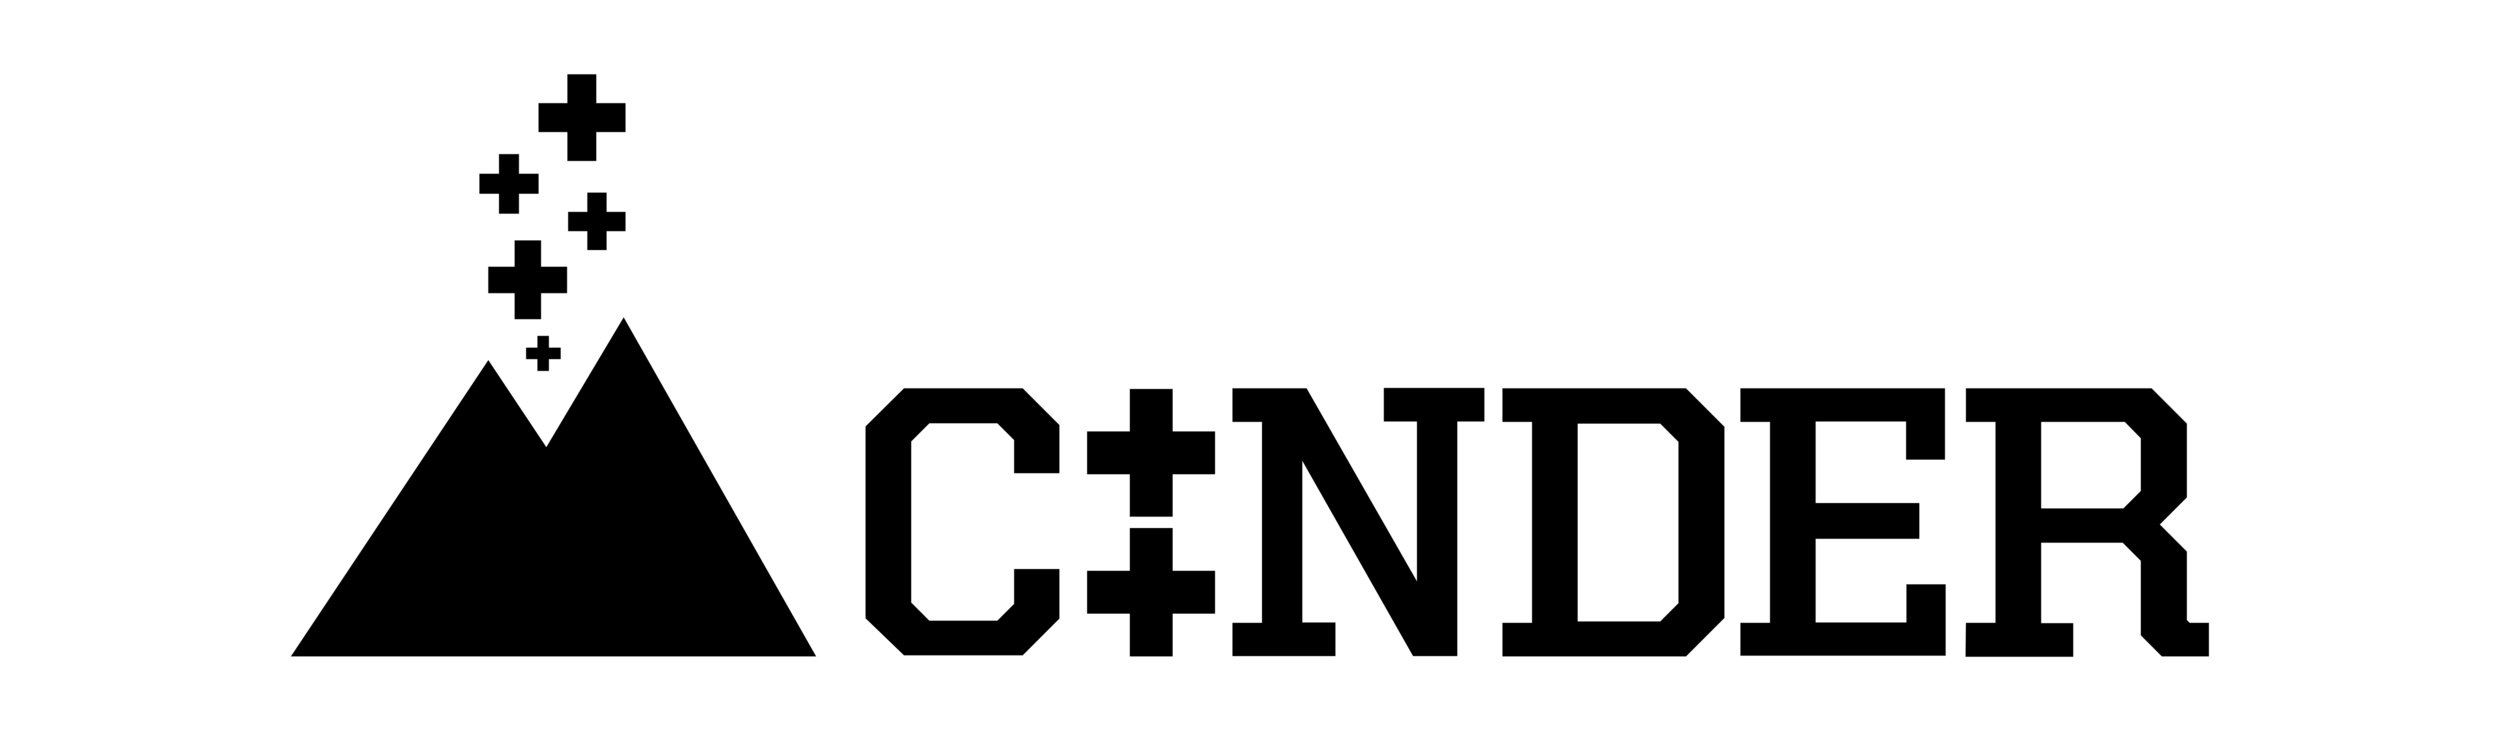 cinder_logo.png